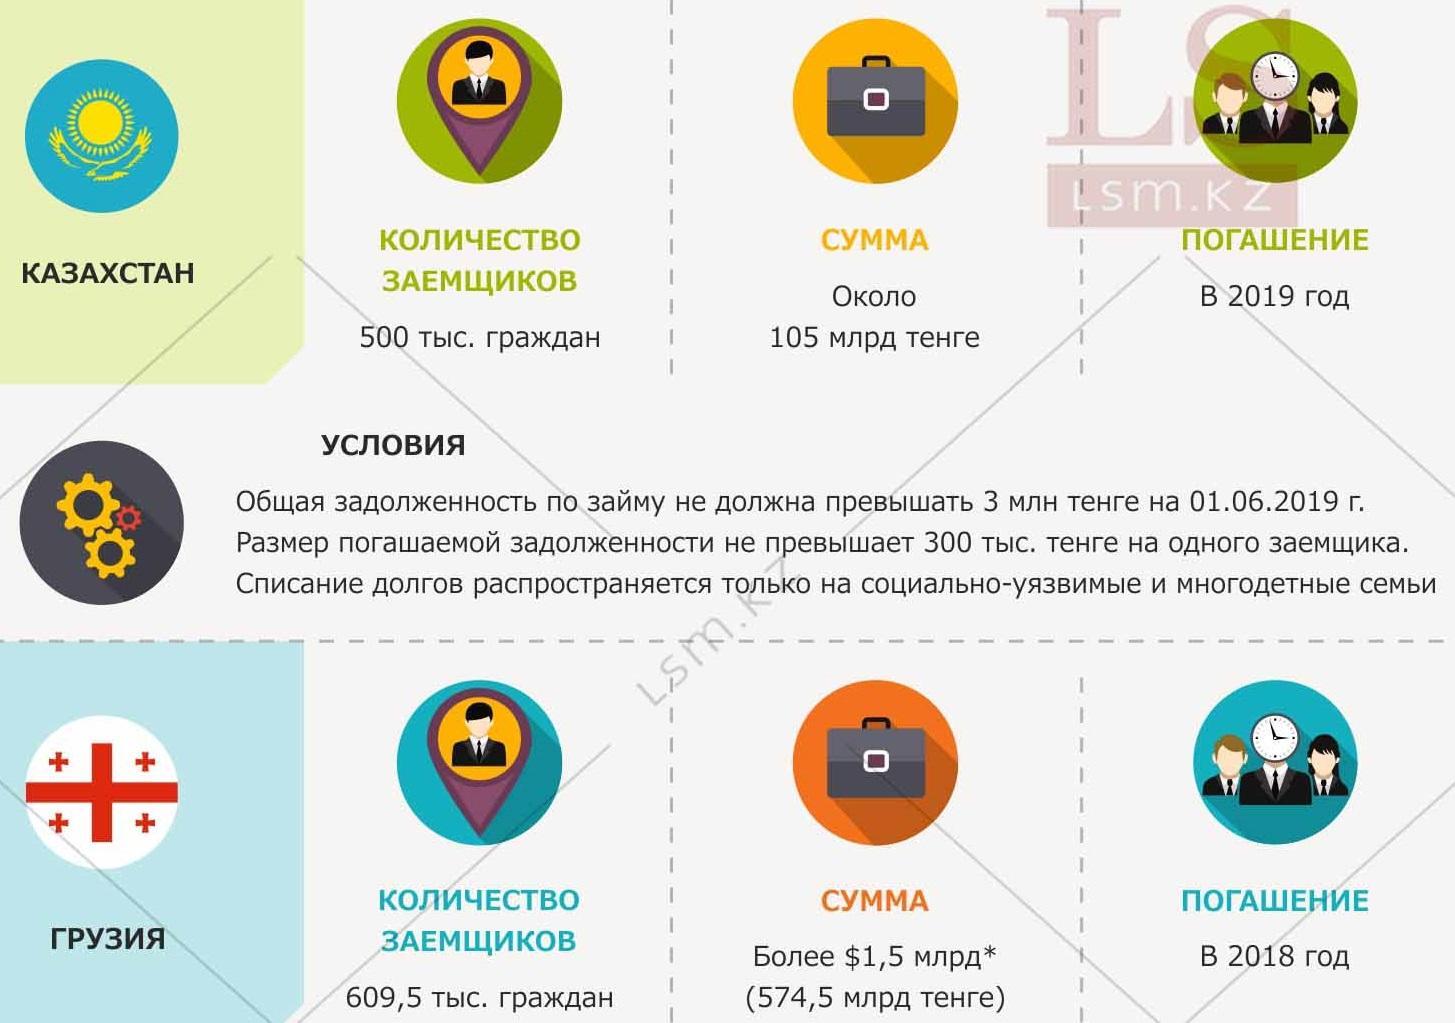 кредит на год казахстана скачать картинки природы на рабочий стол бесплатно в хорошем качестве торрент